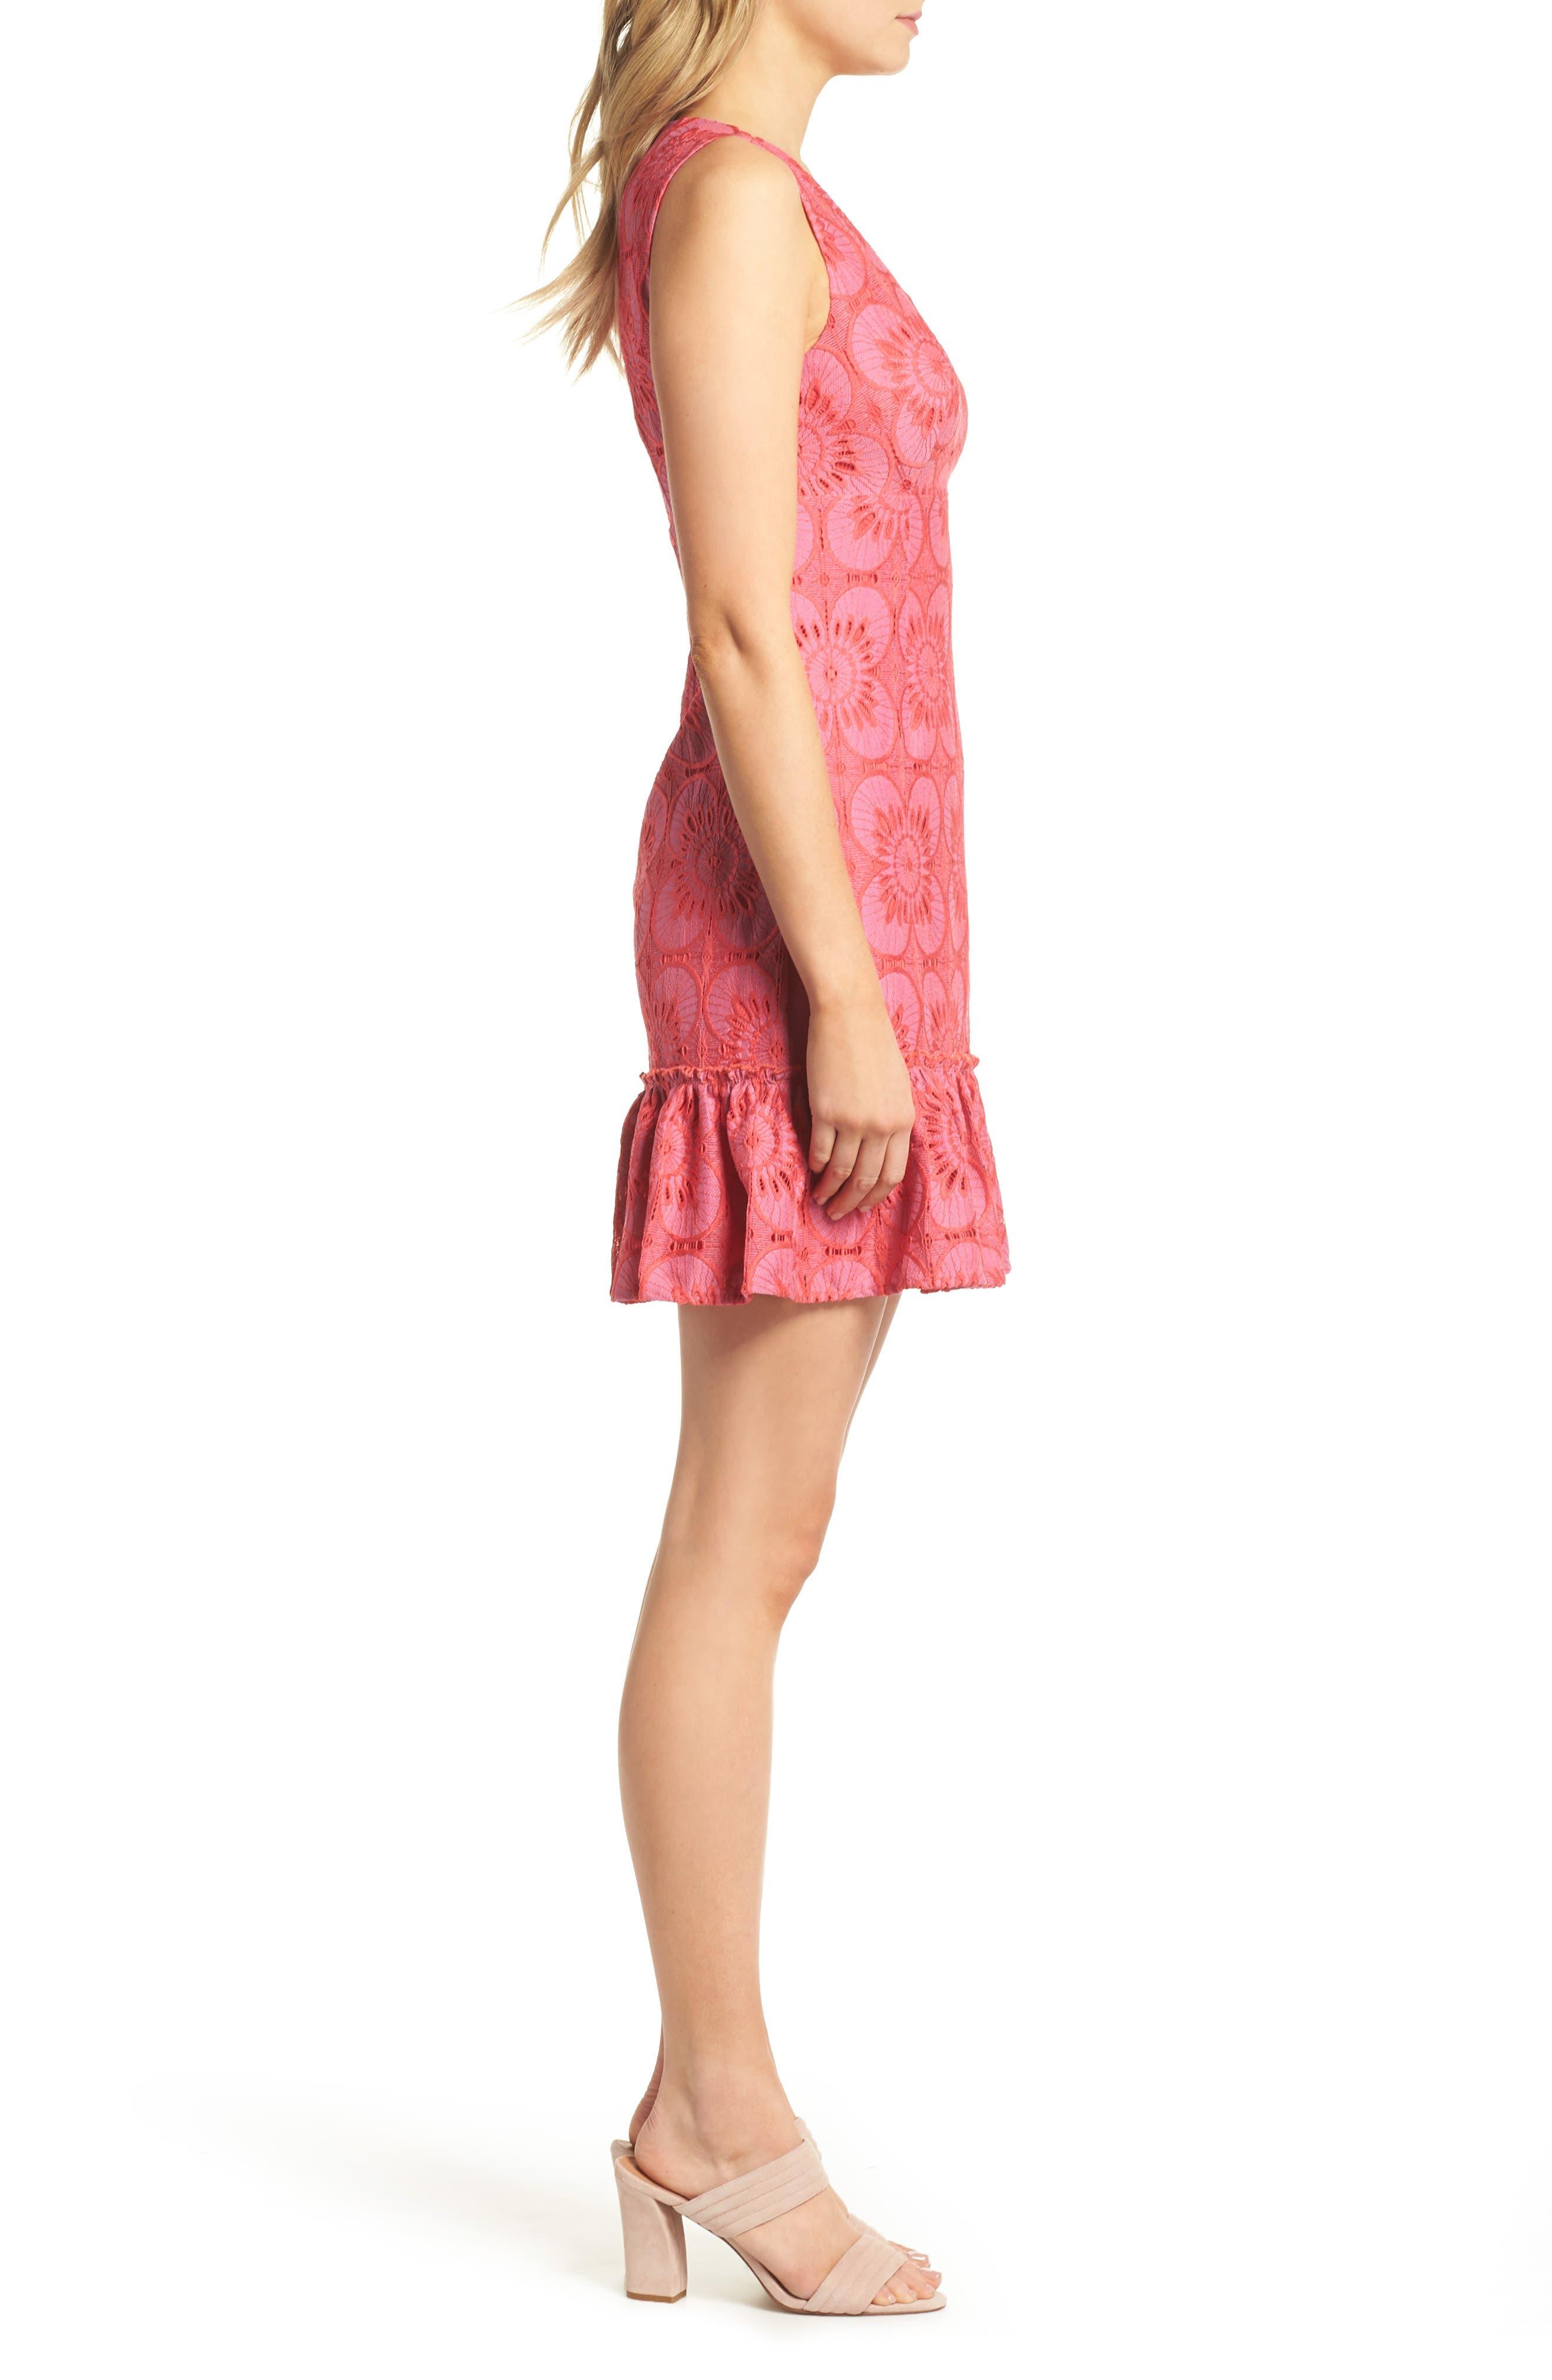 Carpinteria Lace Ruffle Hem Dress,                             Alternate thumbnail 3, color,                             650